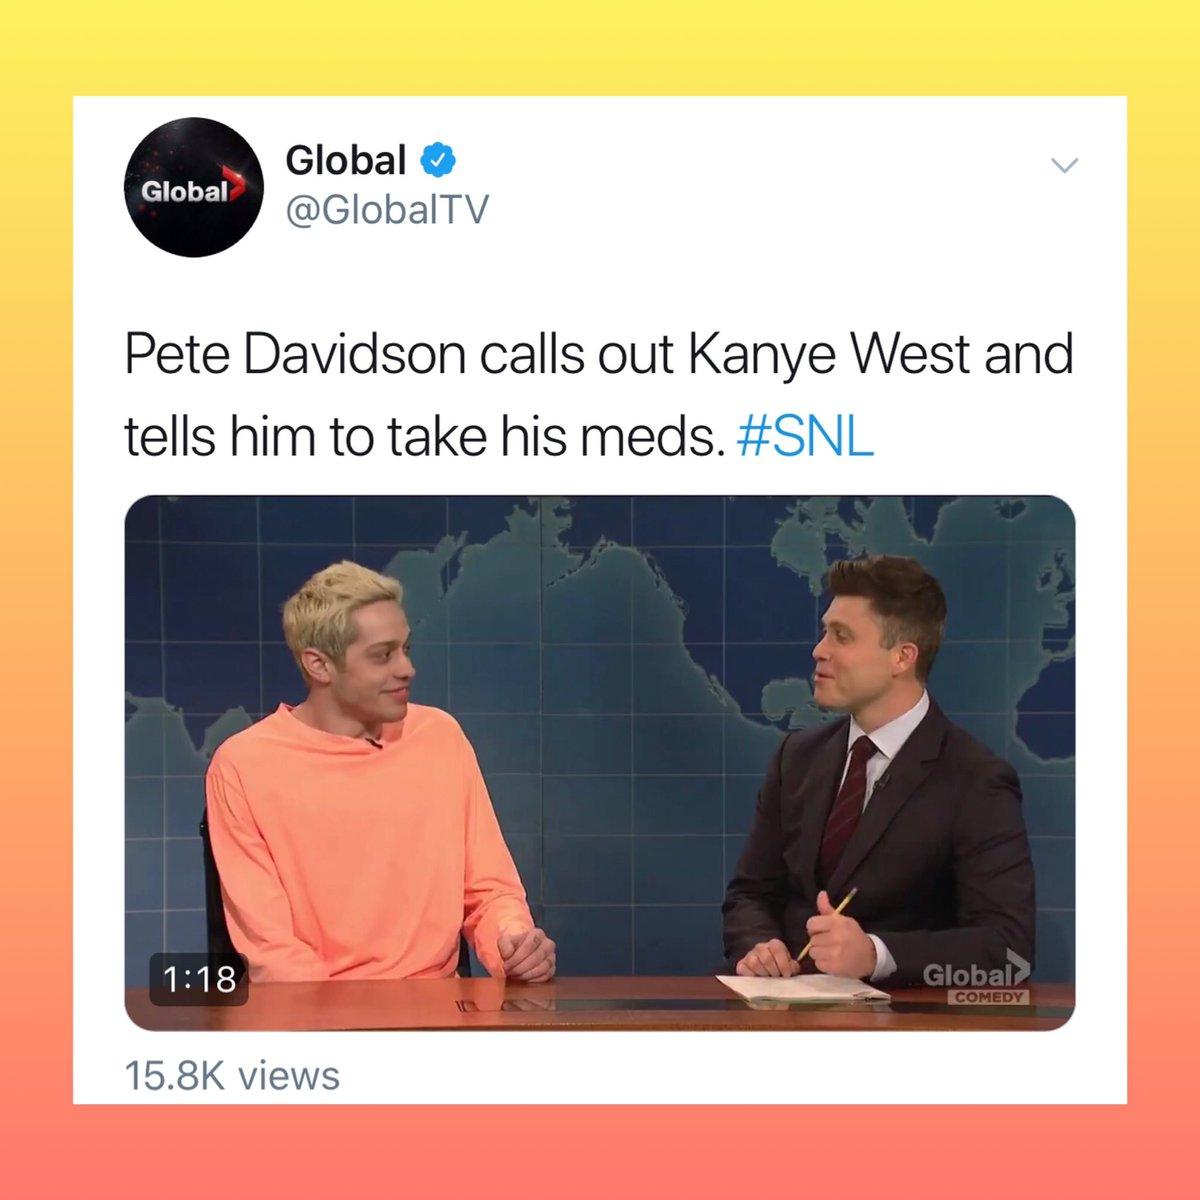 E A COISA NÃO PARA: Pete Davidson sai em defesa de Kanye West contra Ariana Grande, porém é lembrado que ele já fez piada com saúde mental do rapper no SNL